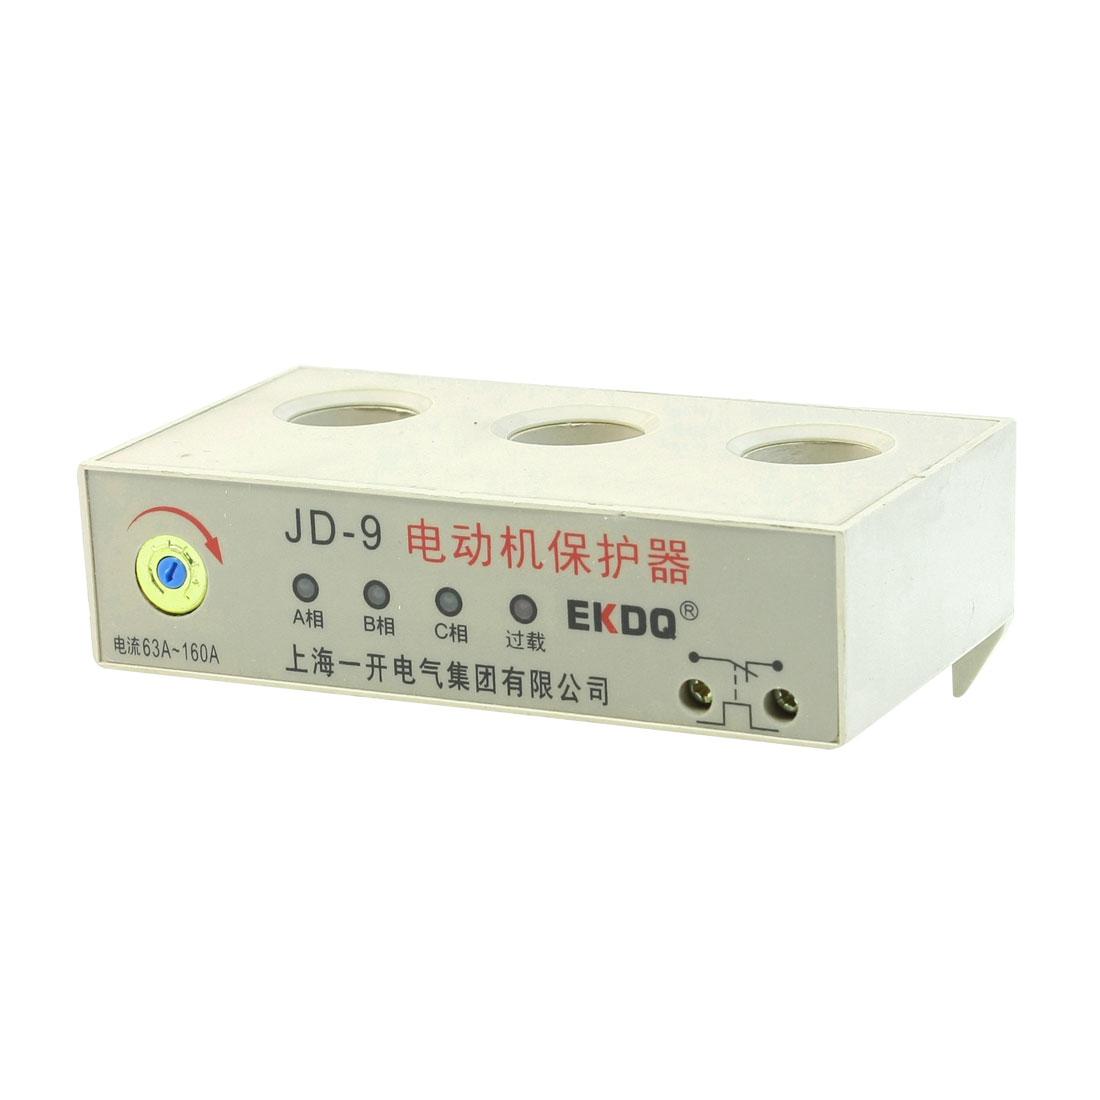 AC 24-380V 63-160A 3 Phase Adjustable Current Intelligent Motor Protector